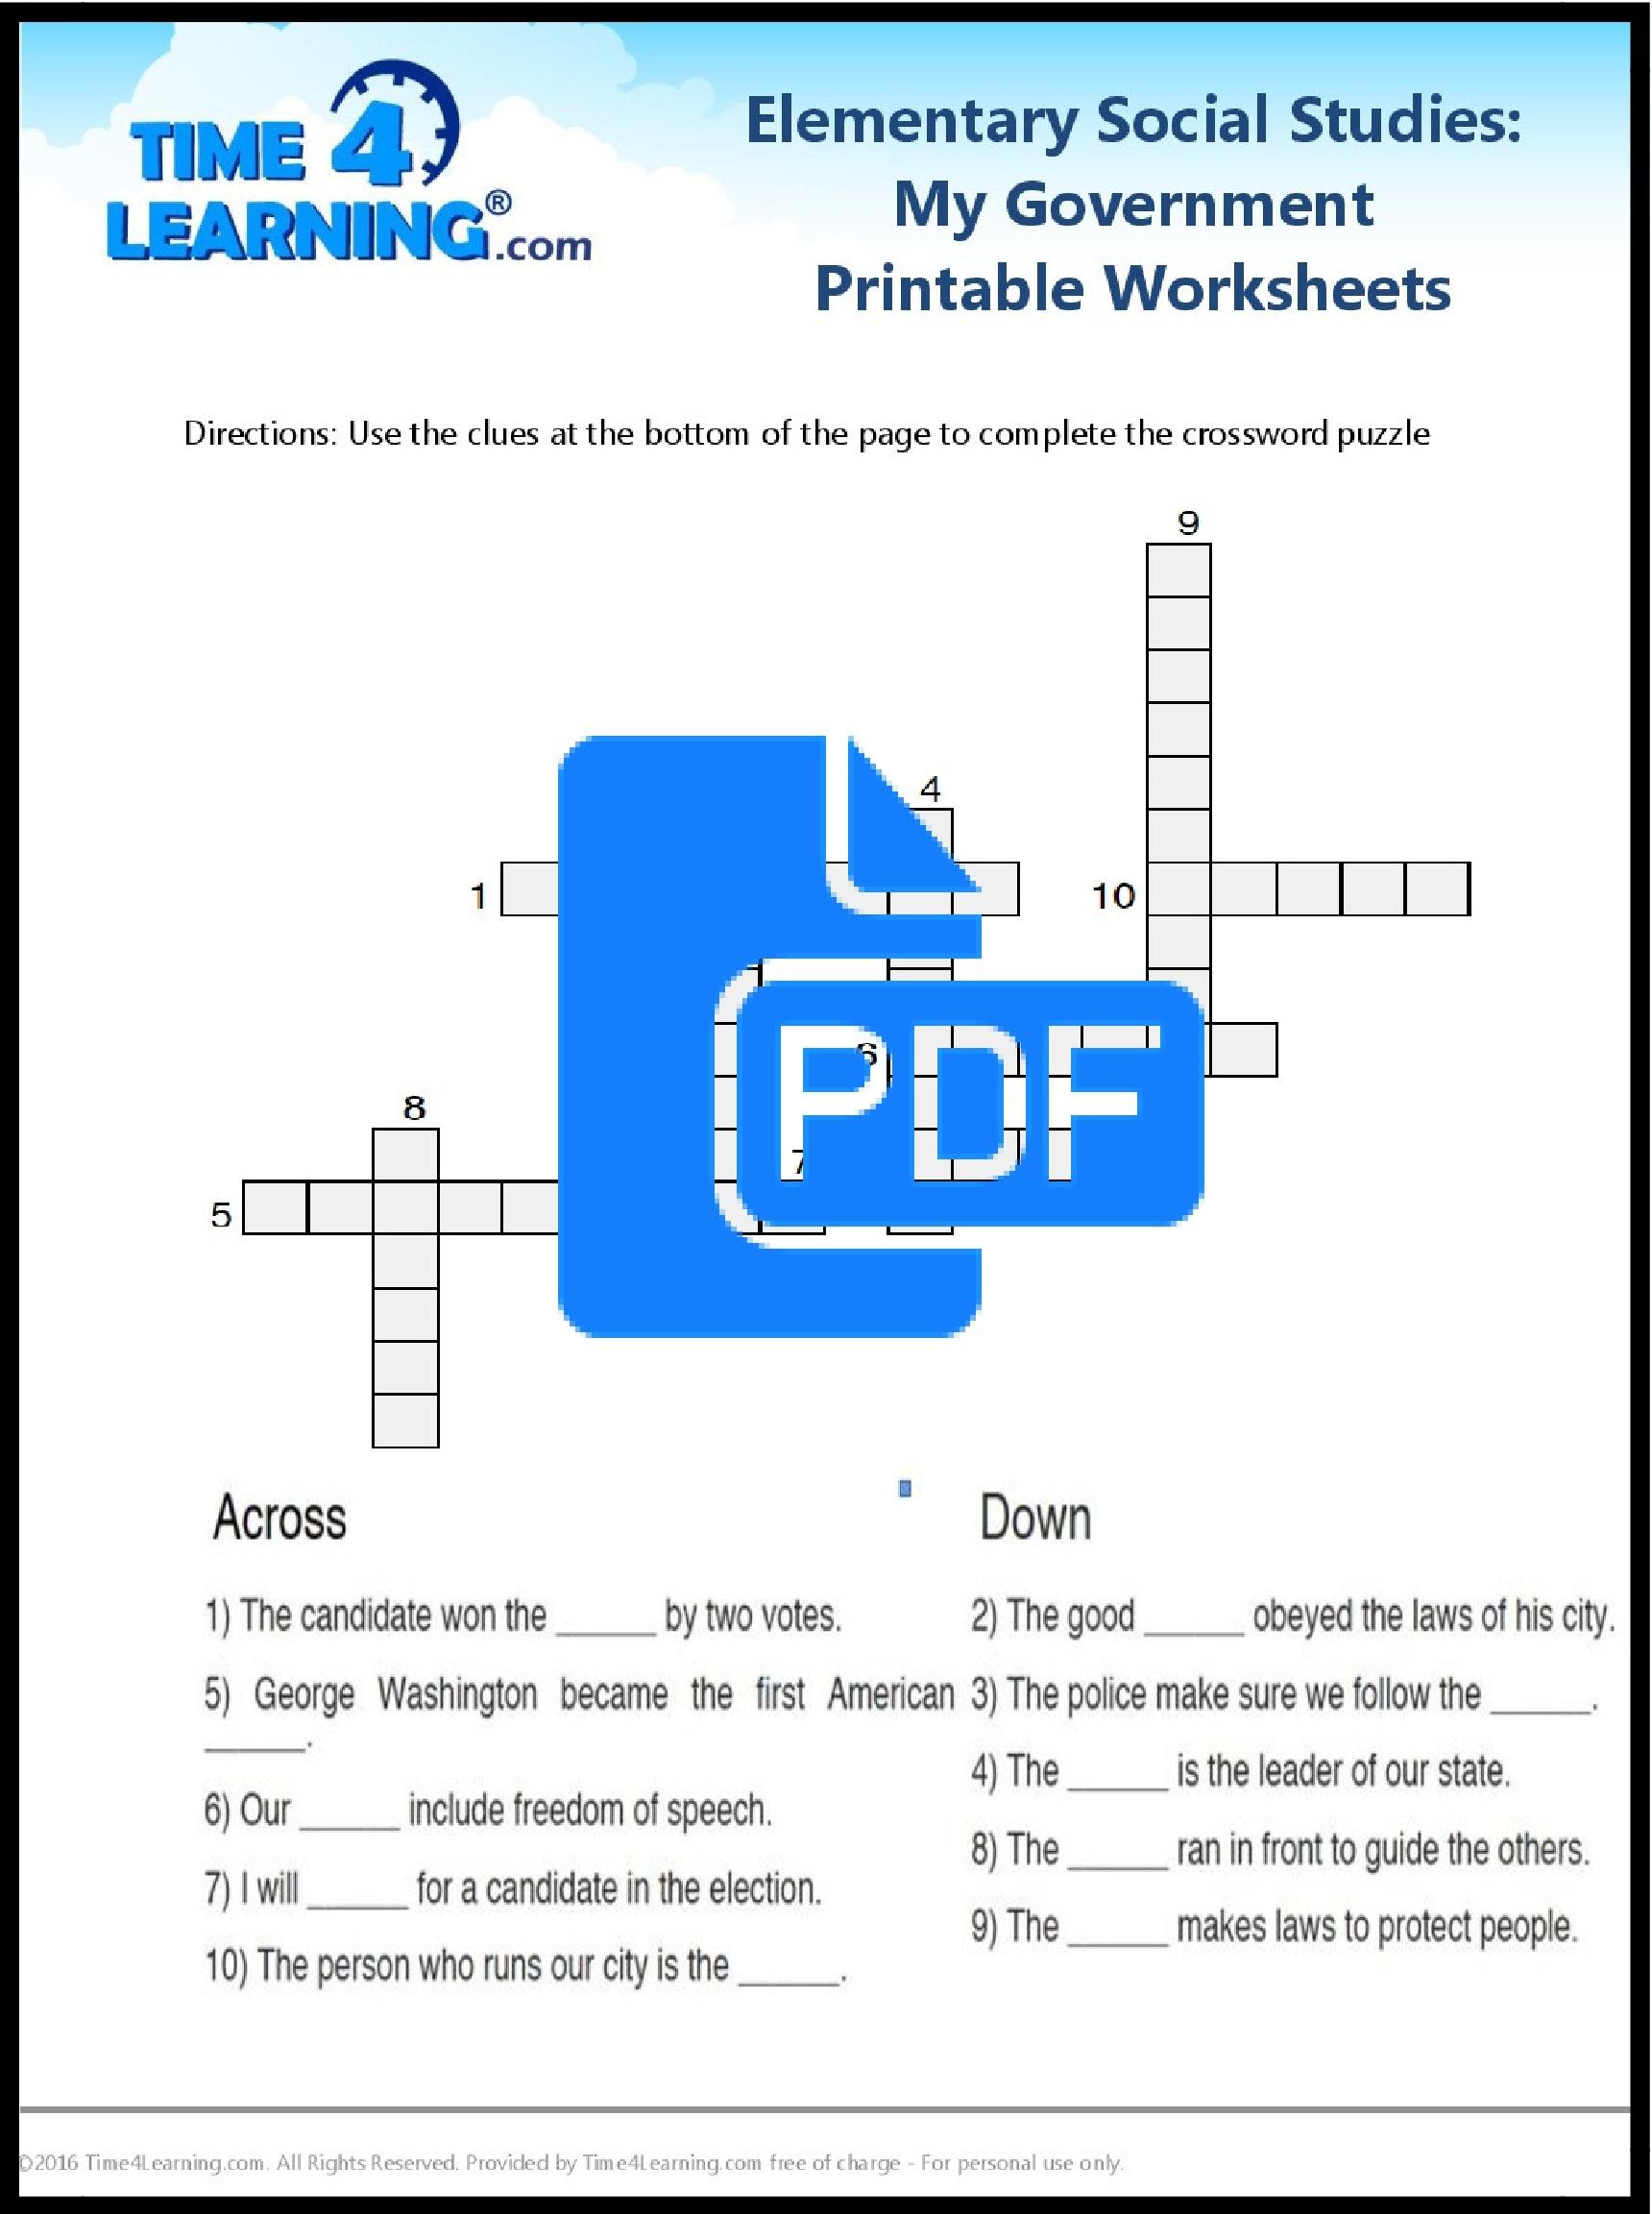 Free Printable: Elementary Social Studies Worksheet | Time4Learning | Free Printable Social Studies Worksheets